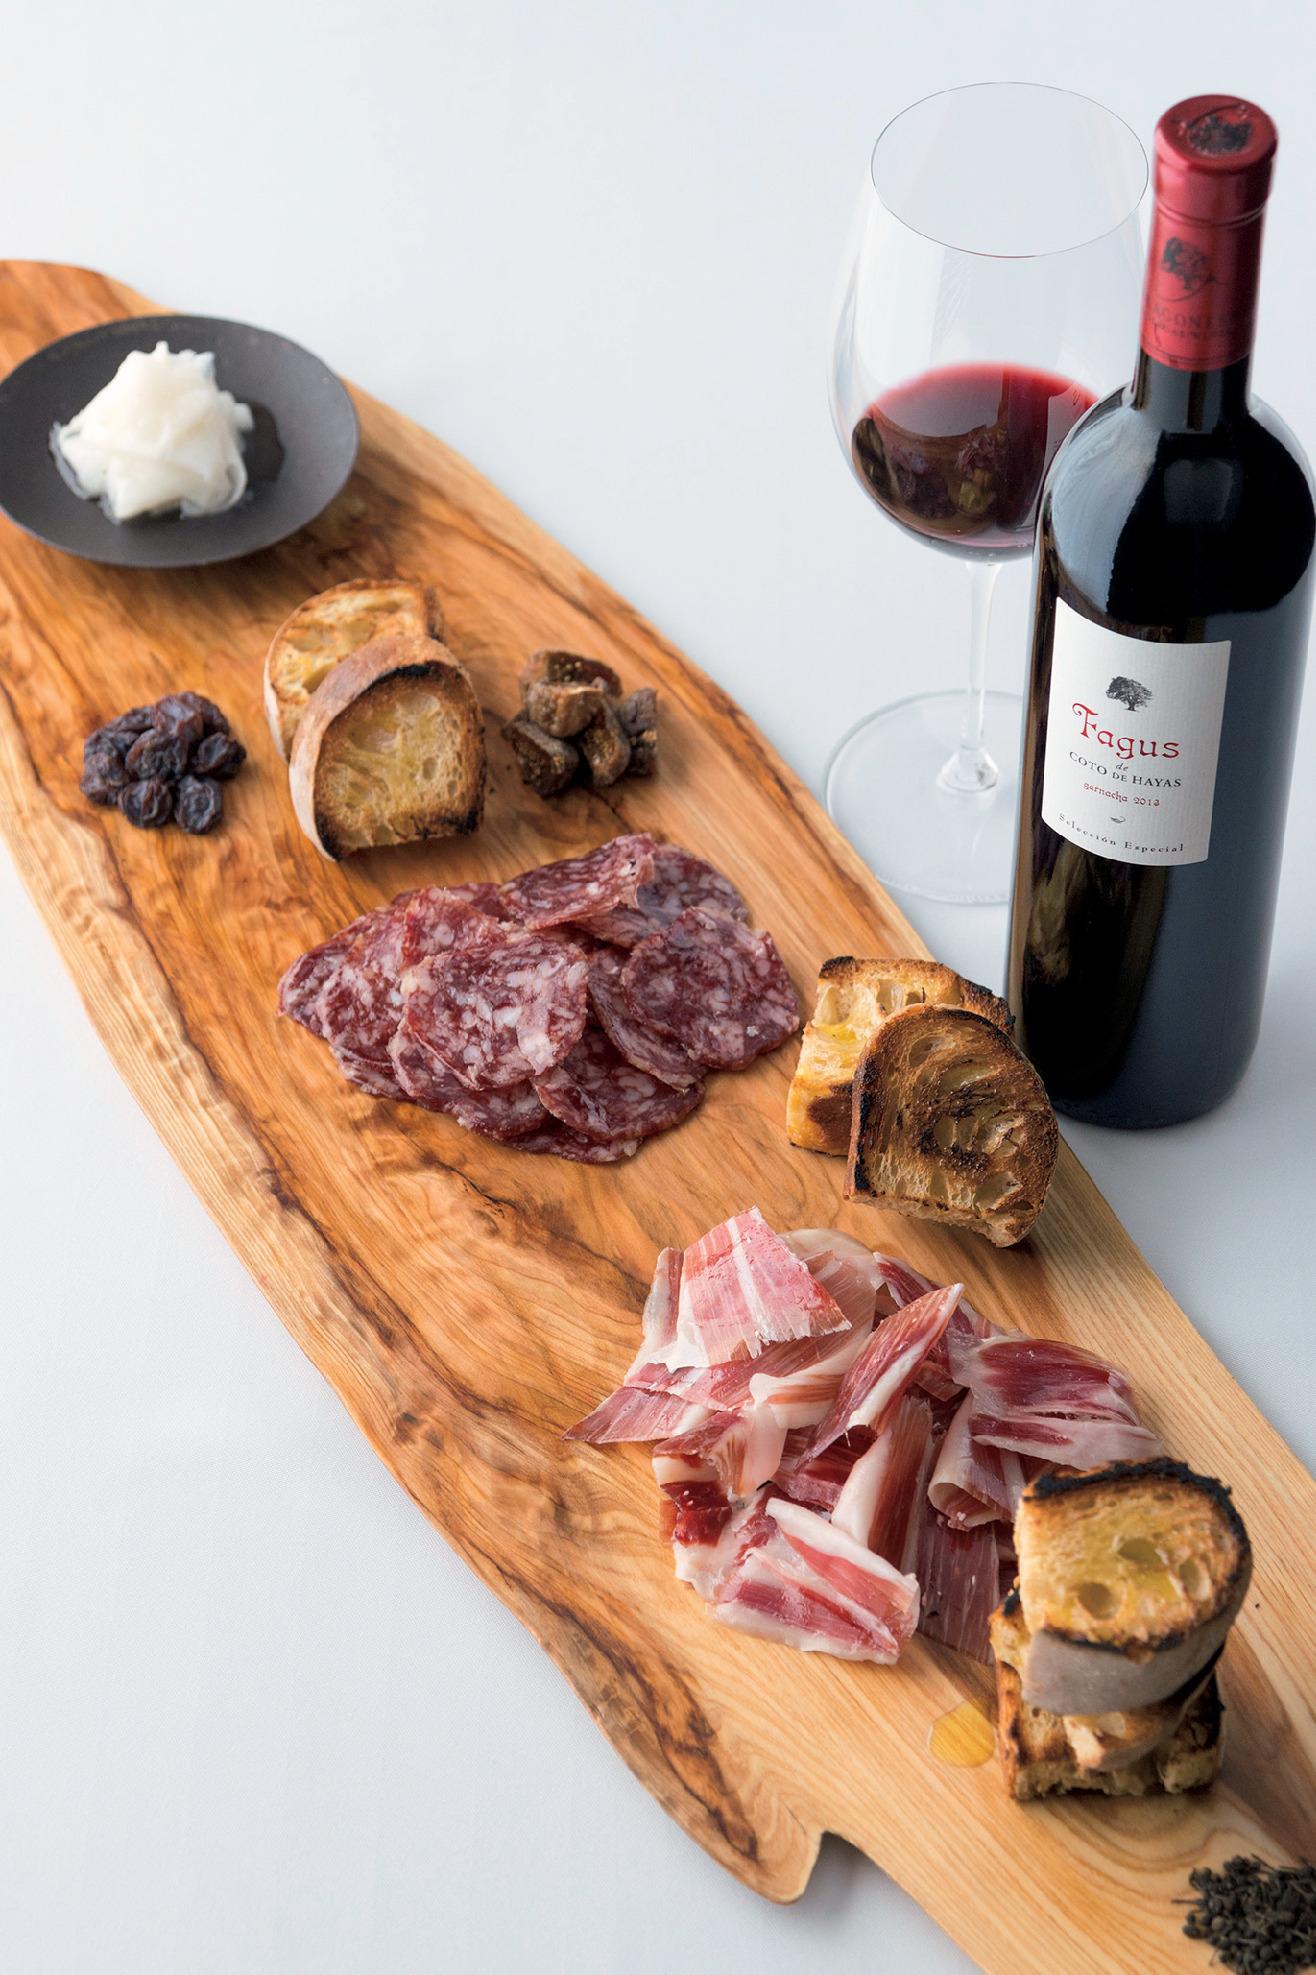 旬のワインとフレンチが楽しめるグルメNEWS 五選_3_1